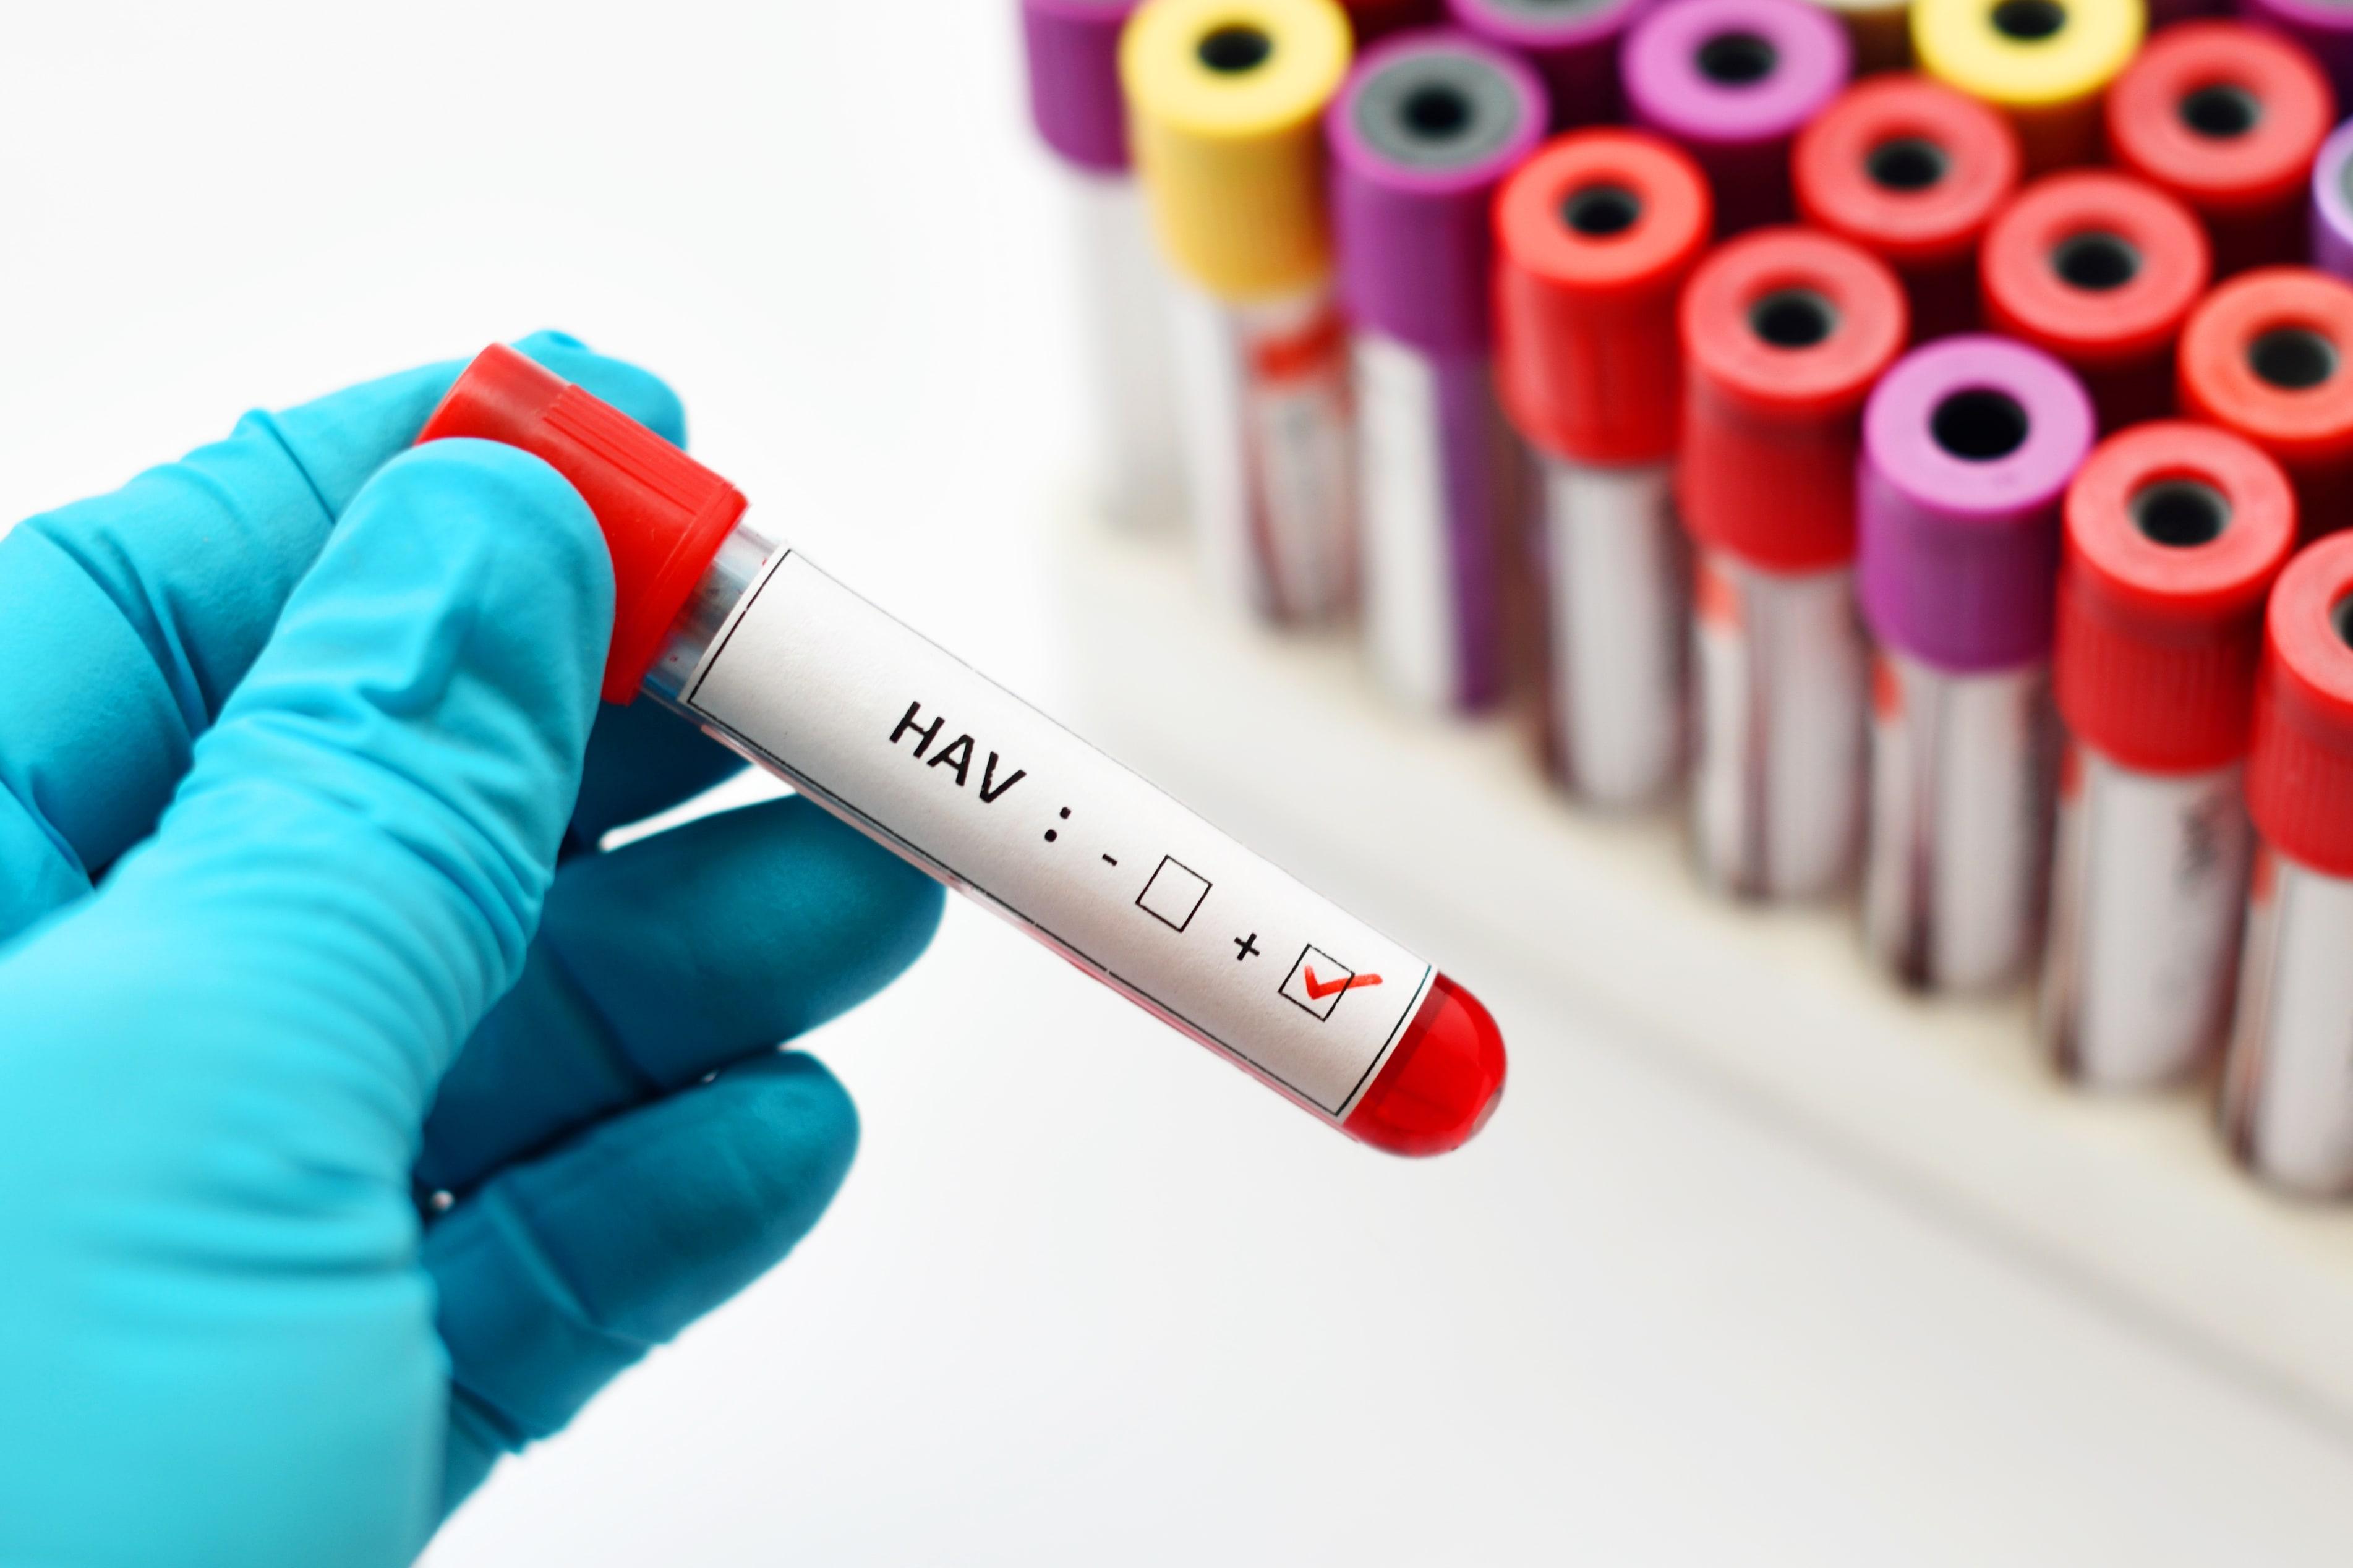 Od zakażenia wirusem HAV do pojawienia się pierwszych objawów mija średnio 28 dni.